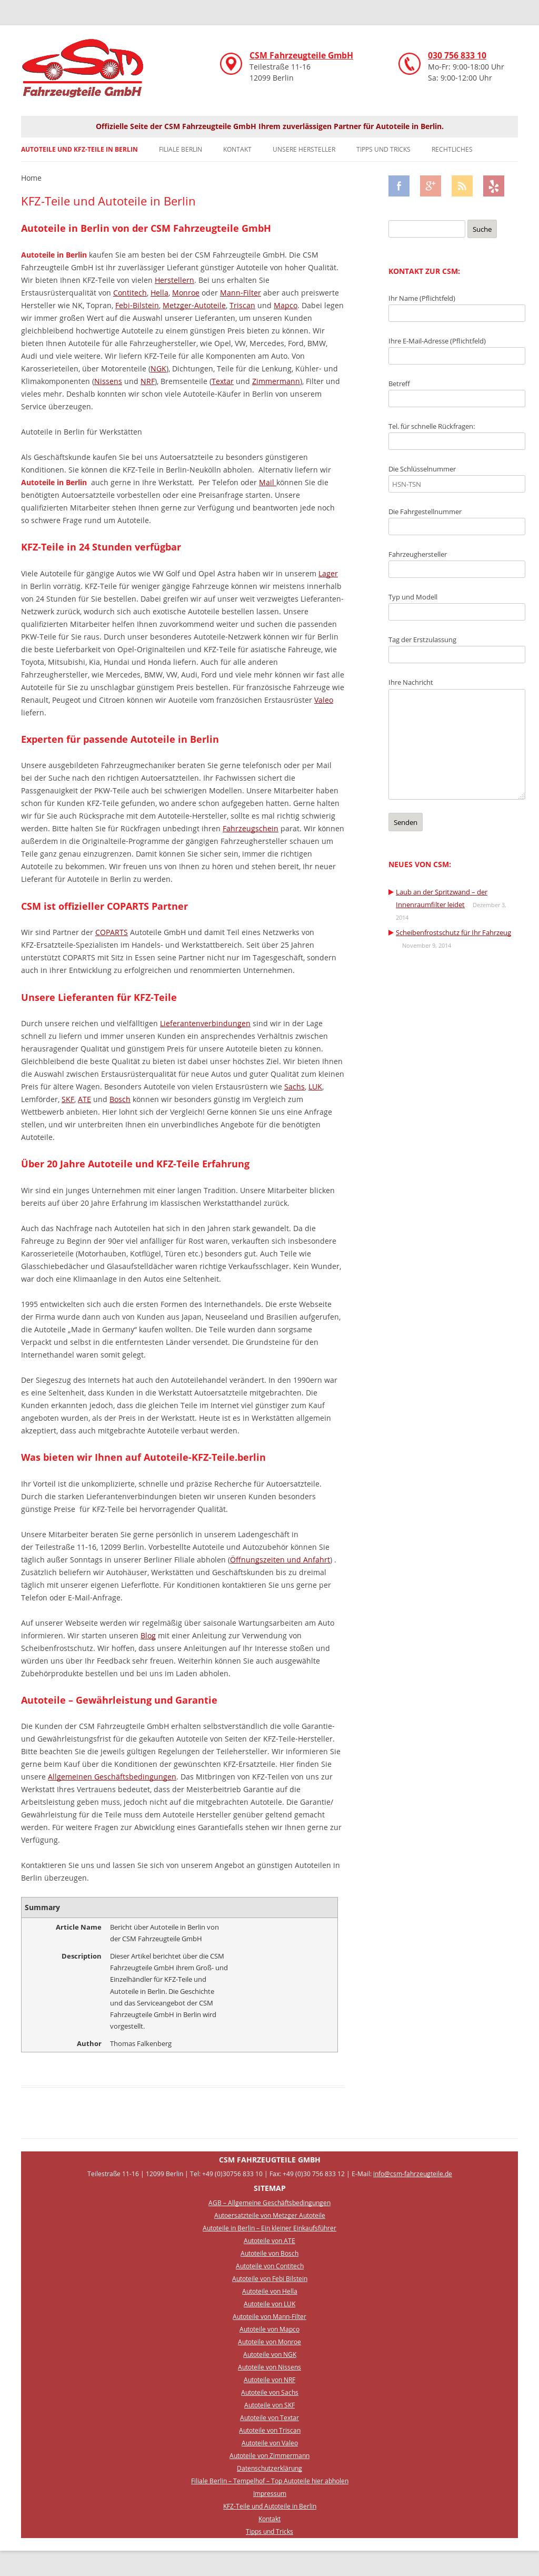 Zeycon Autoteile, Kfz-teile, Fahrzeugteile Competitors, Revenue and ...